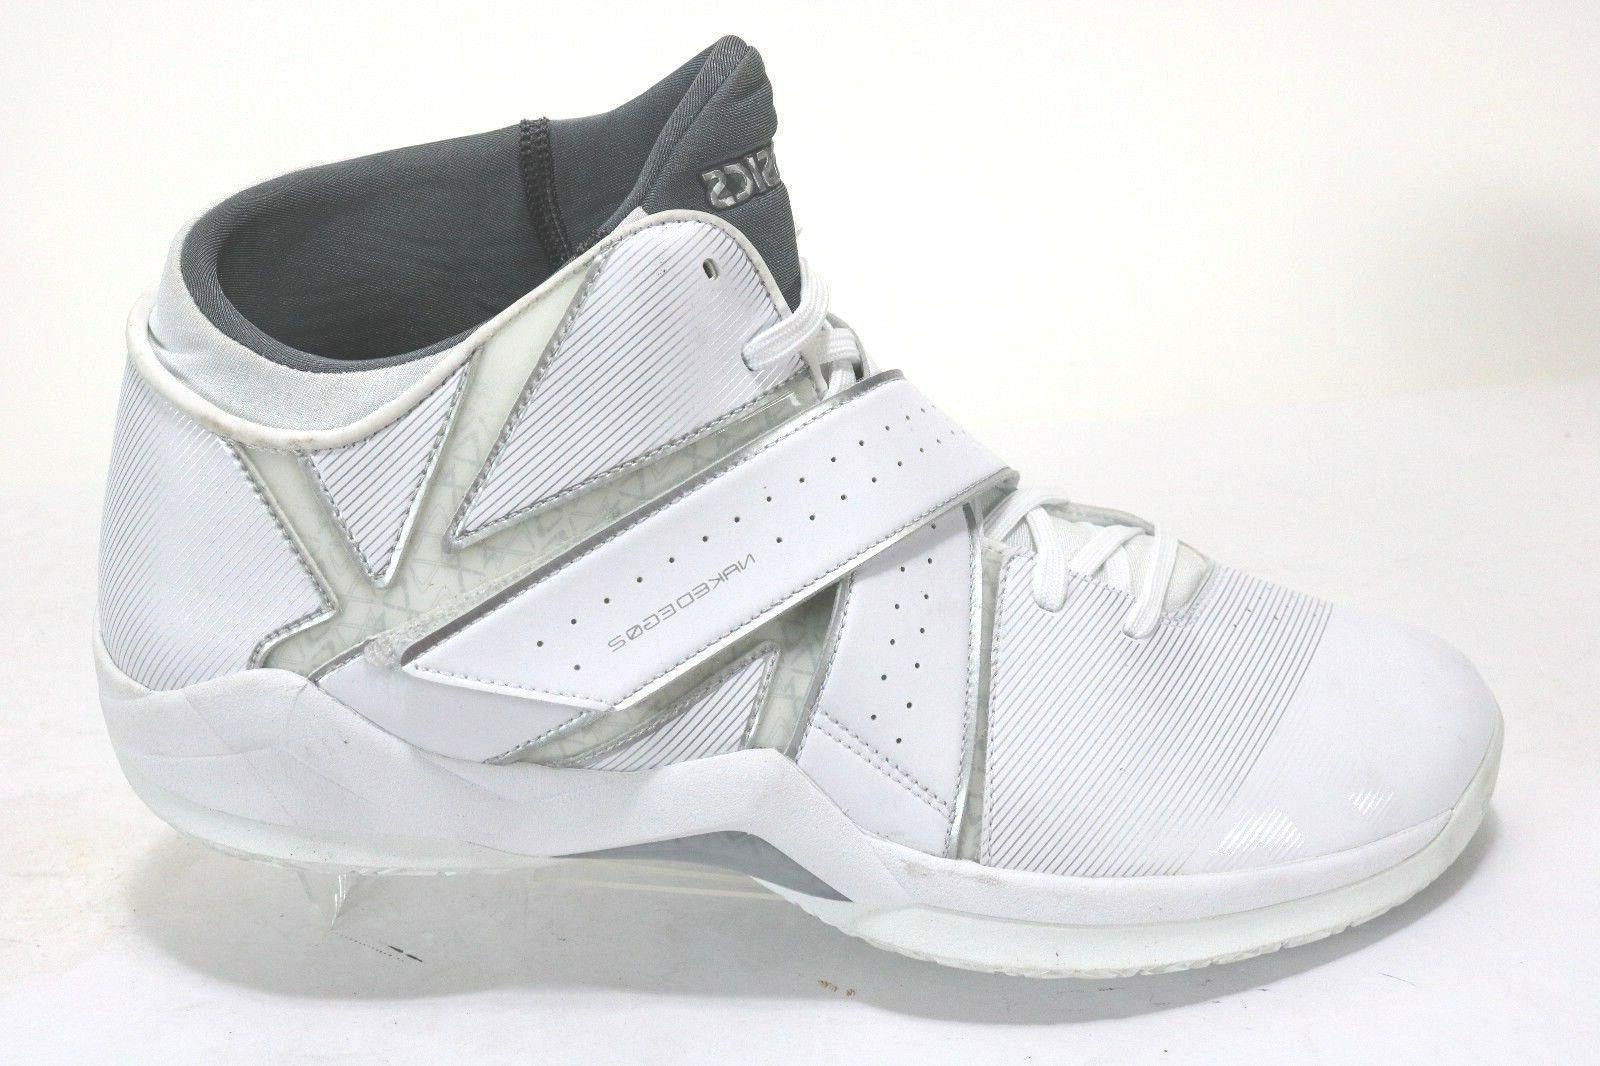 Asics NEW Naked $120 Men's Basketball Shoes White